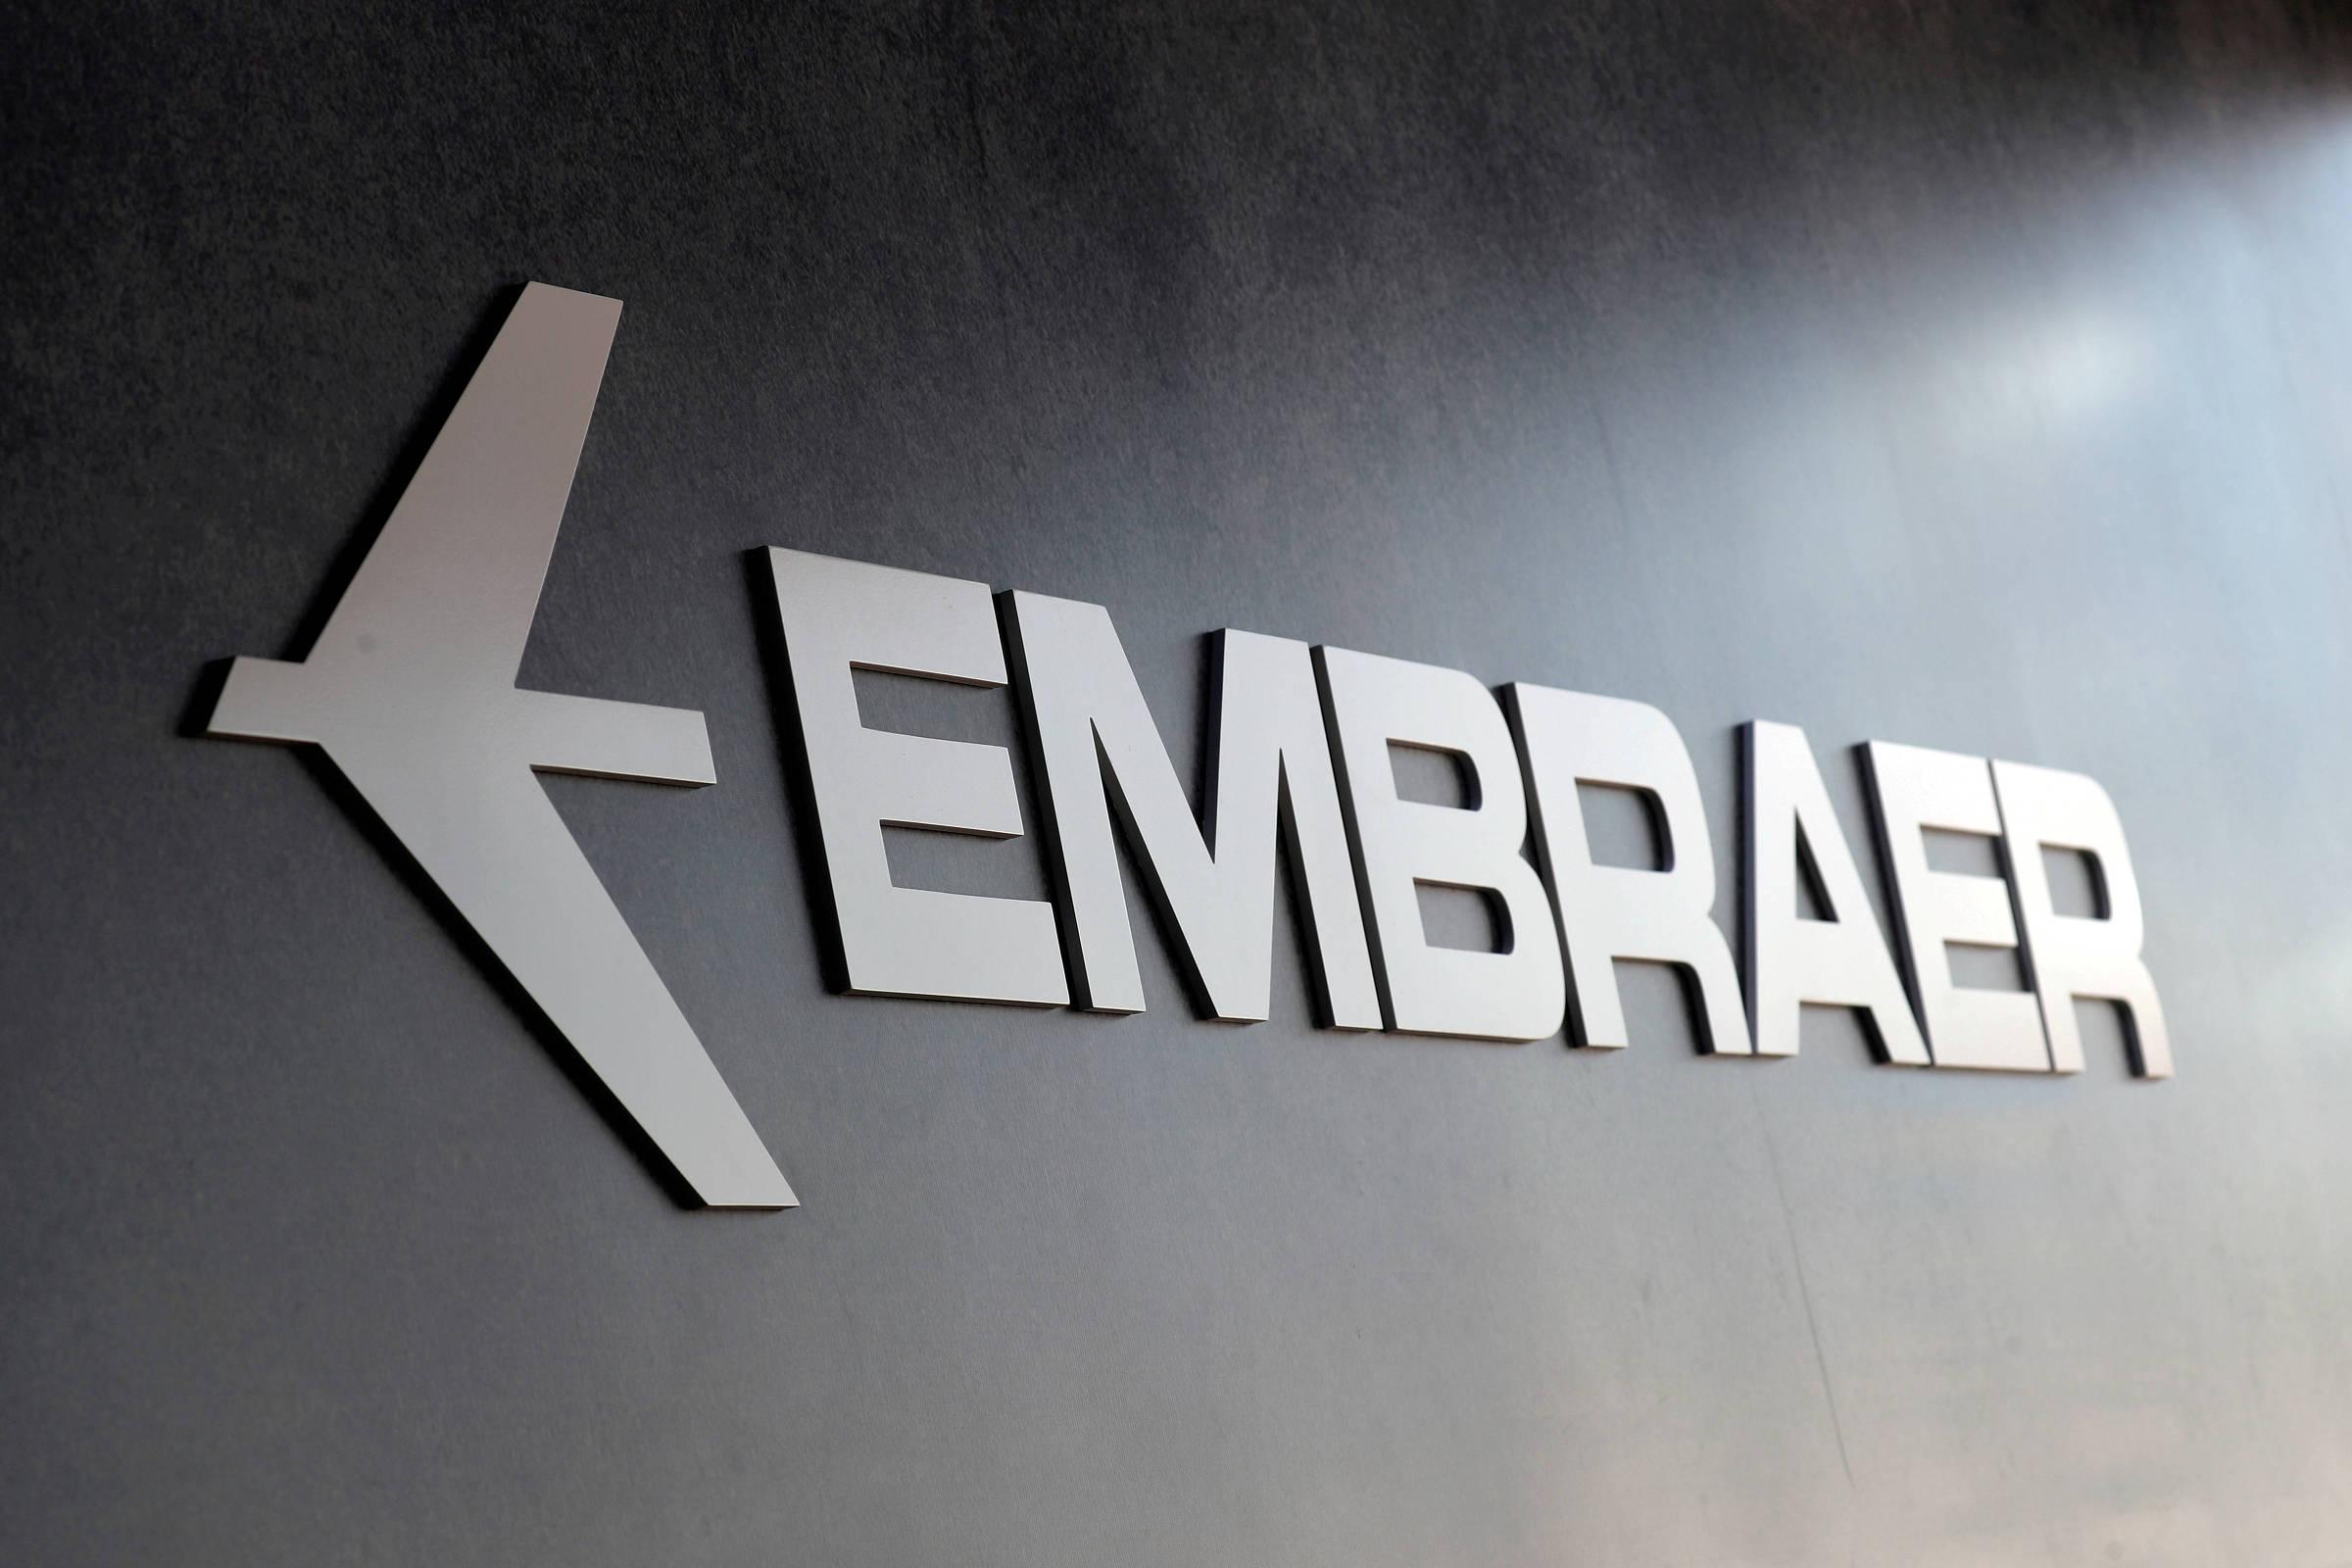 Embraer deve obter financiamento de BNDES e bancos privados de R$ 3,3 bilhões em junho, diz agência